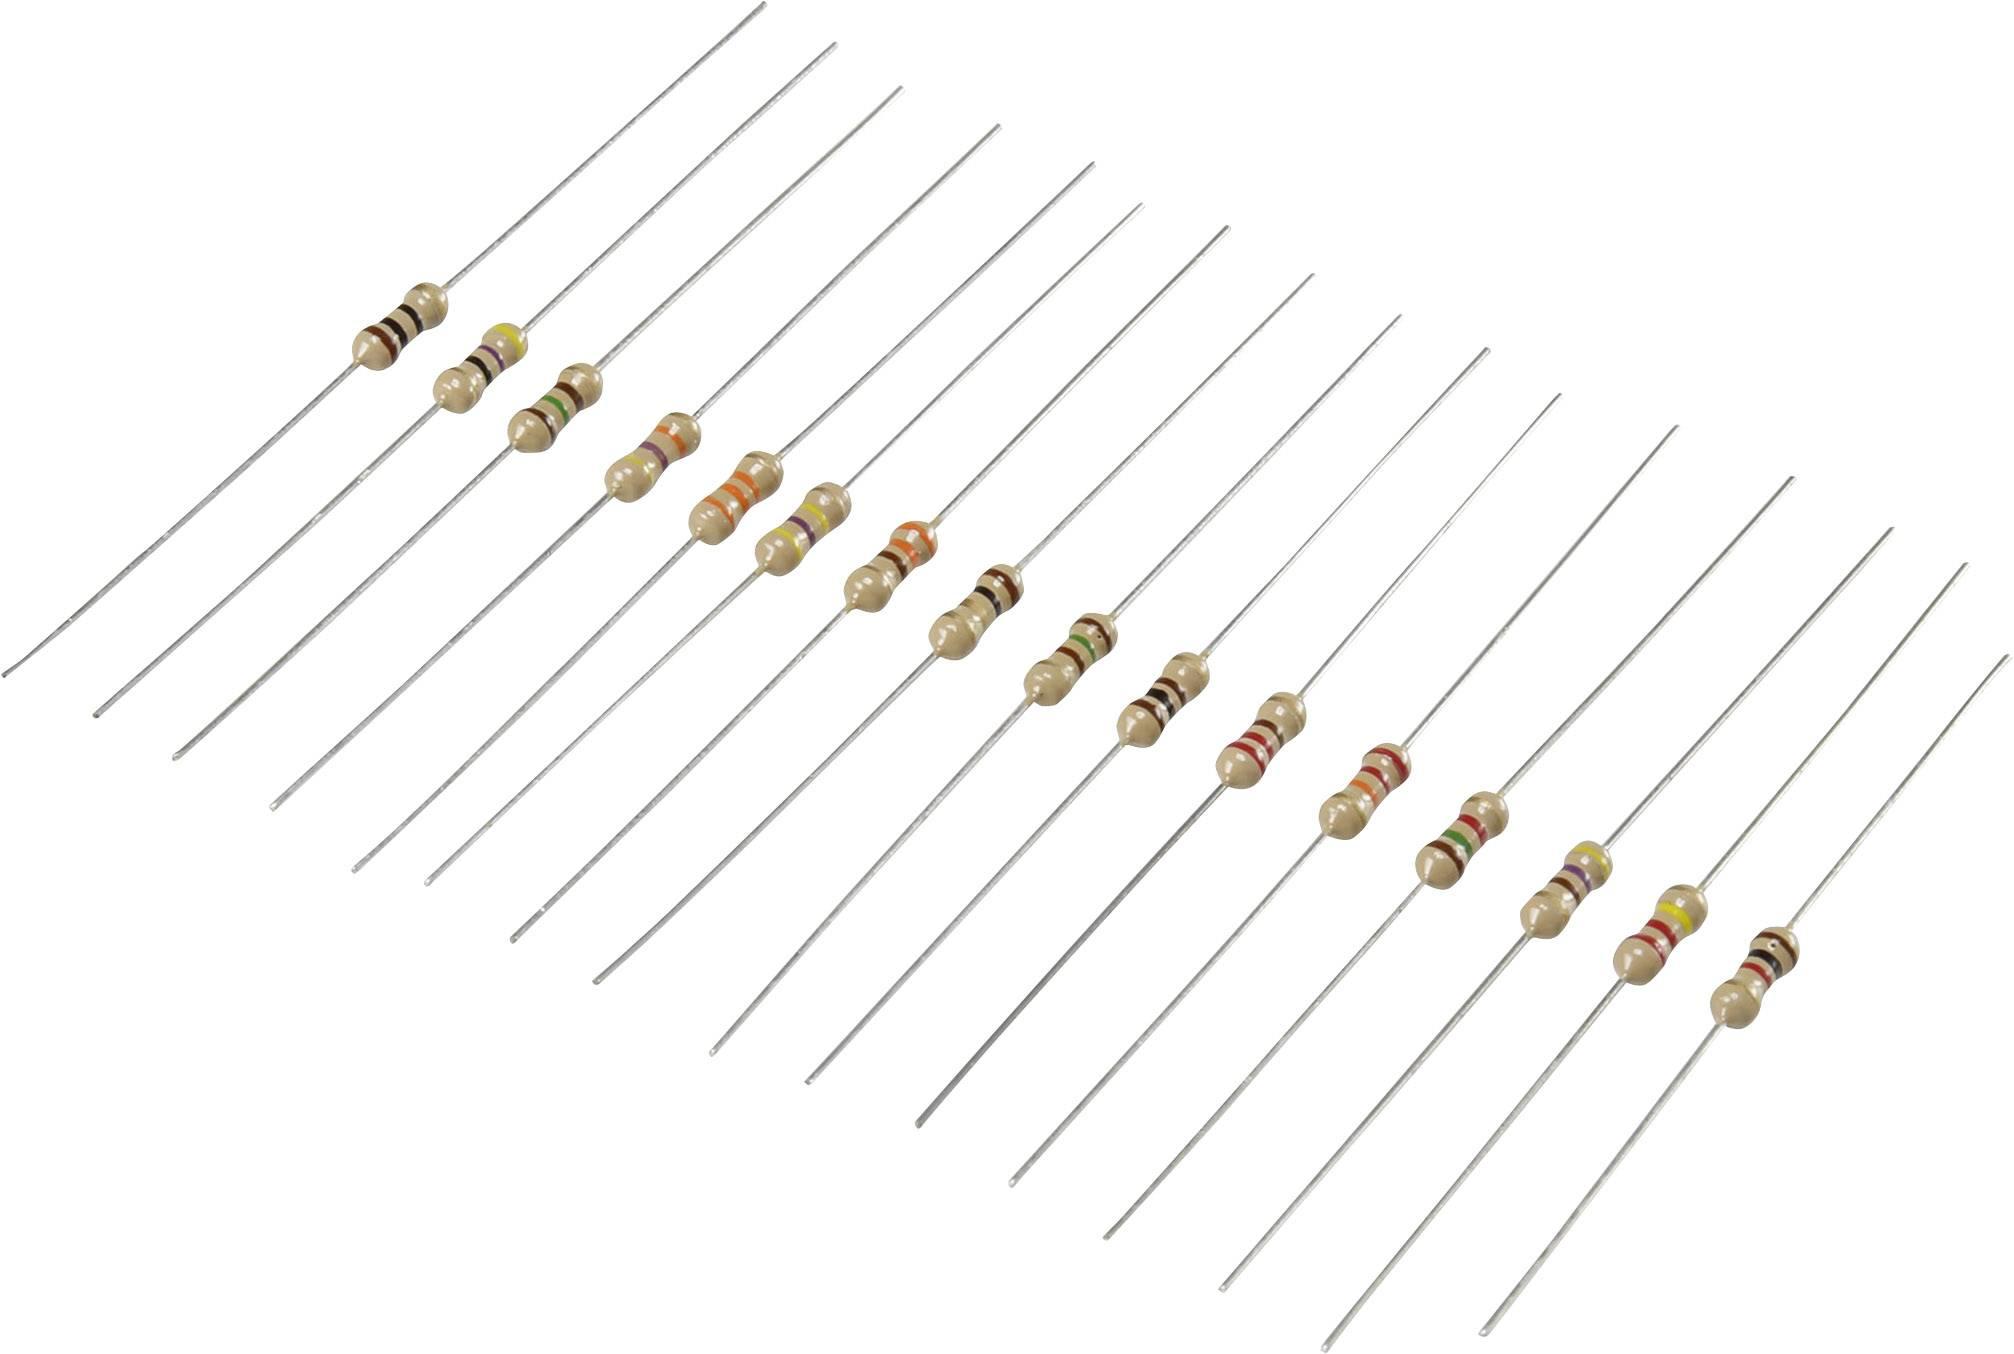 Sada uhlíkových rezistorů Conrad Components 98001c367, axiální, 0.25 W, 480 ks